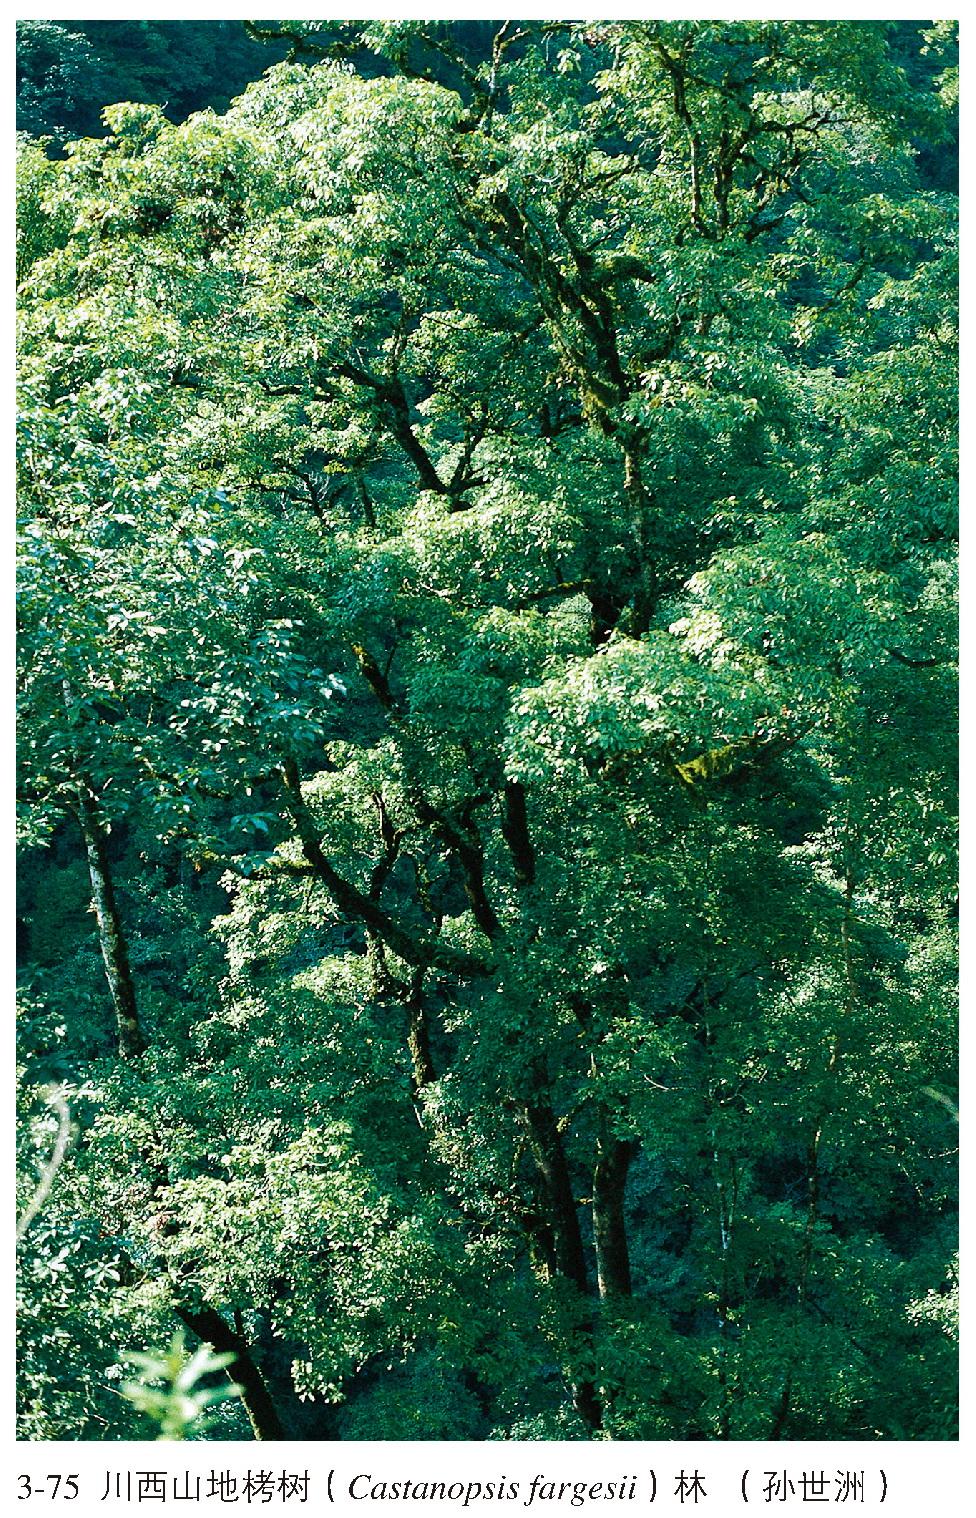 本类型也是中亚热带常绿阔叶林的